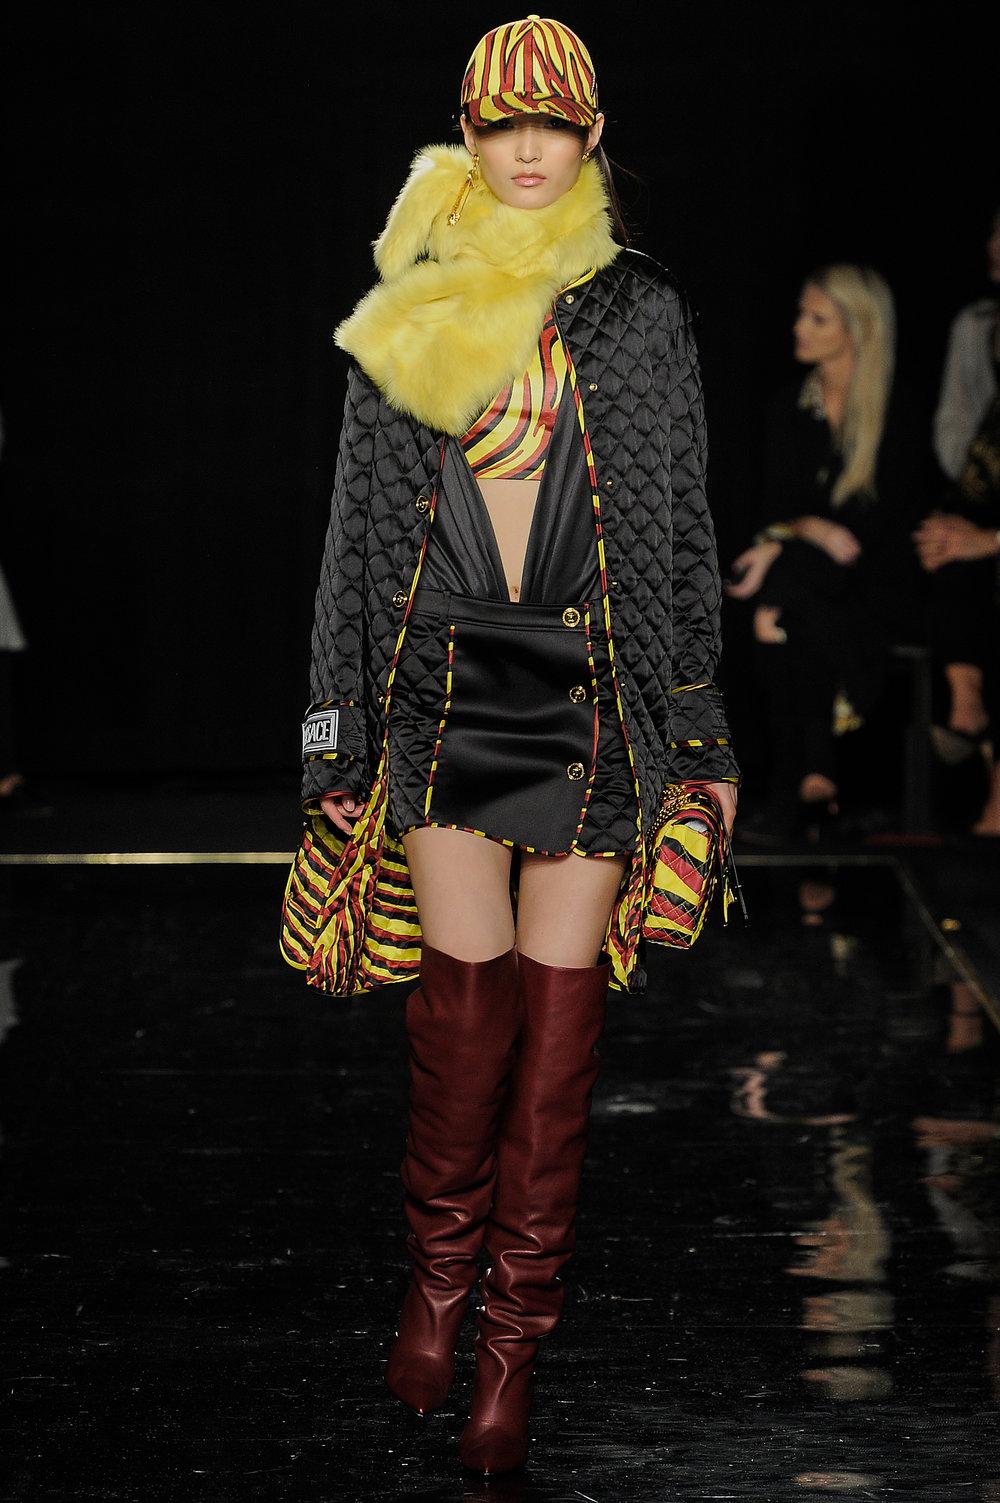 Versace_44_14_versace_runway_runway_00044.jpg